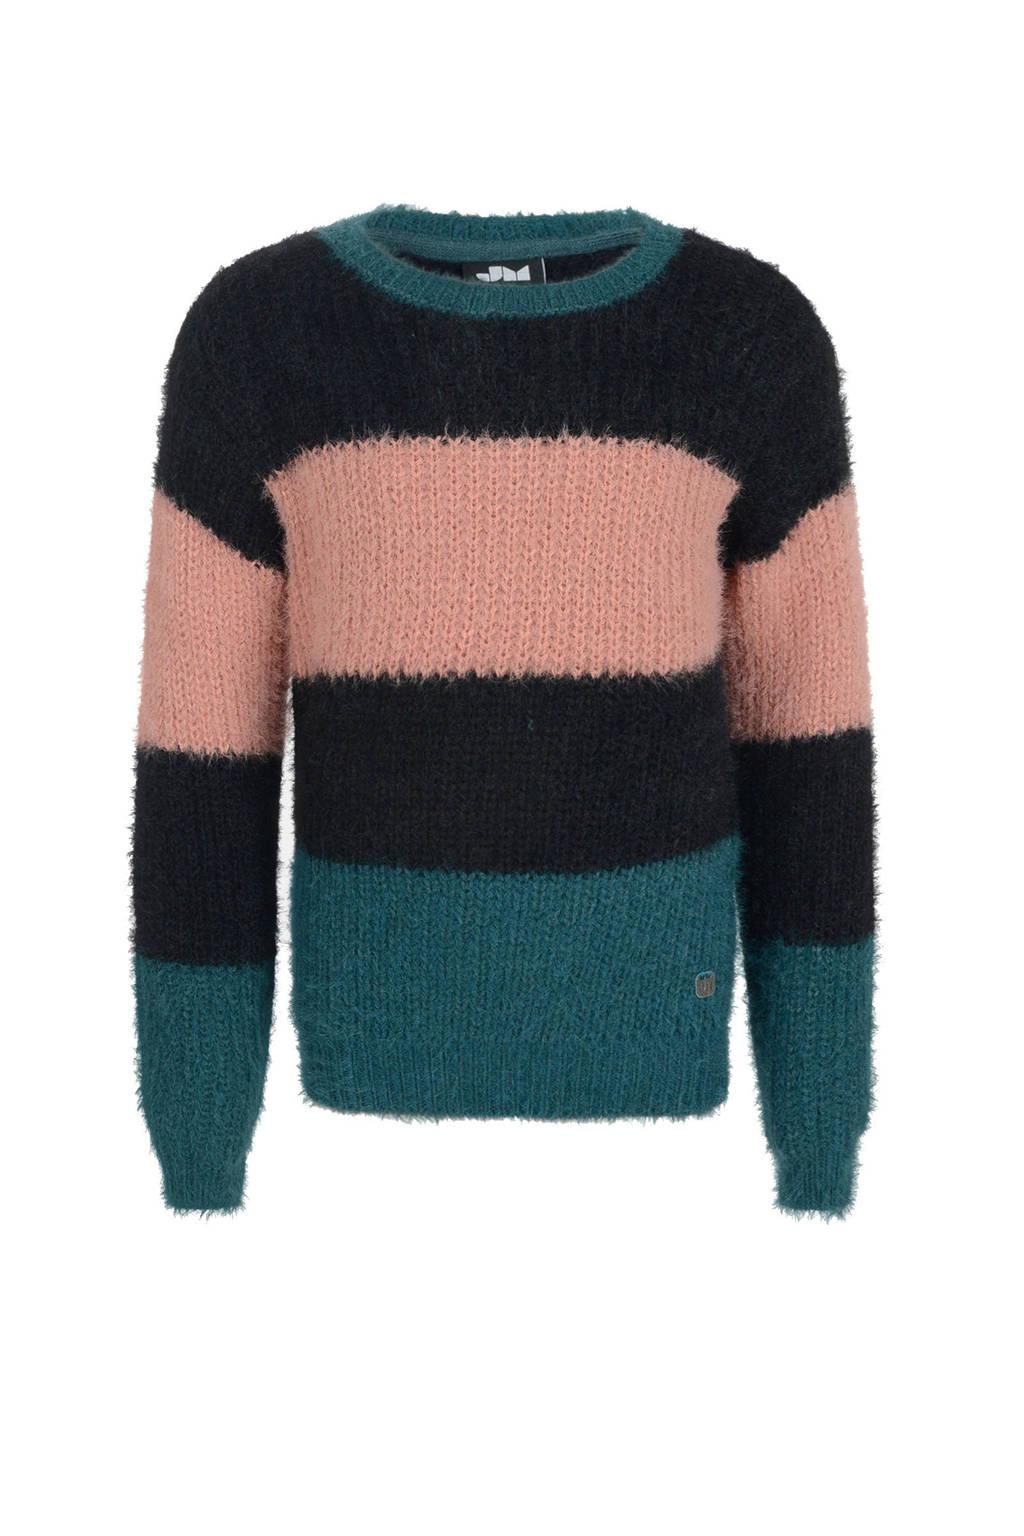 Jill gestreepte trui Bun lichtroze/petrol/zwart, Lichtroze/petrol/zwart